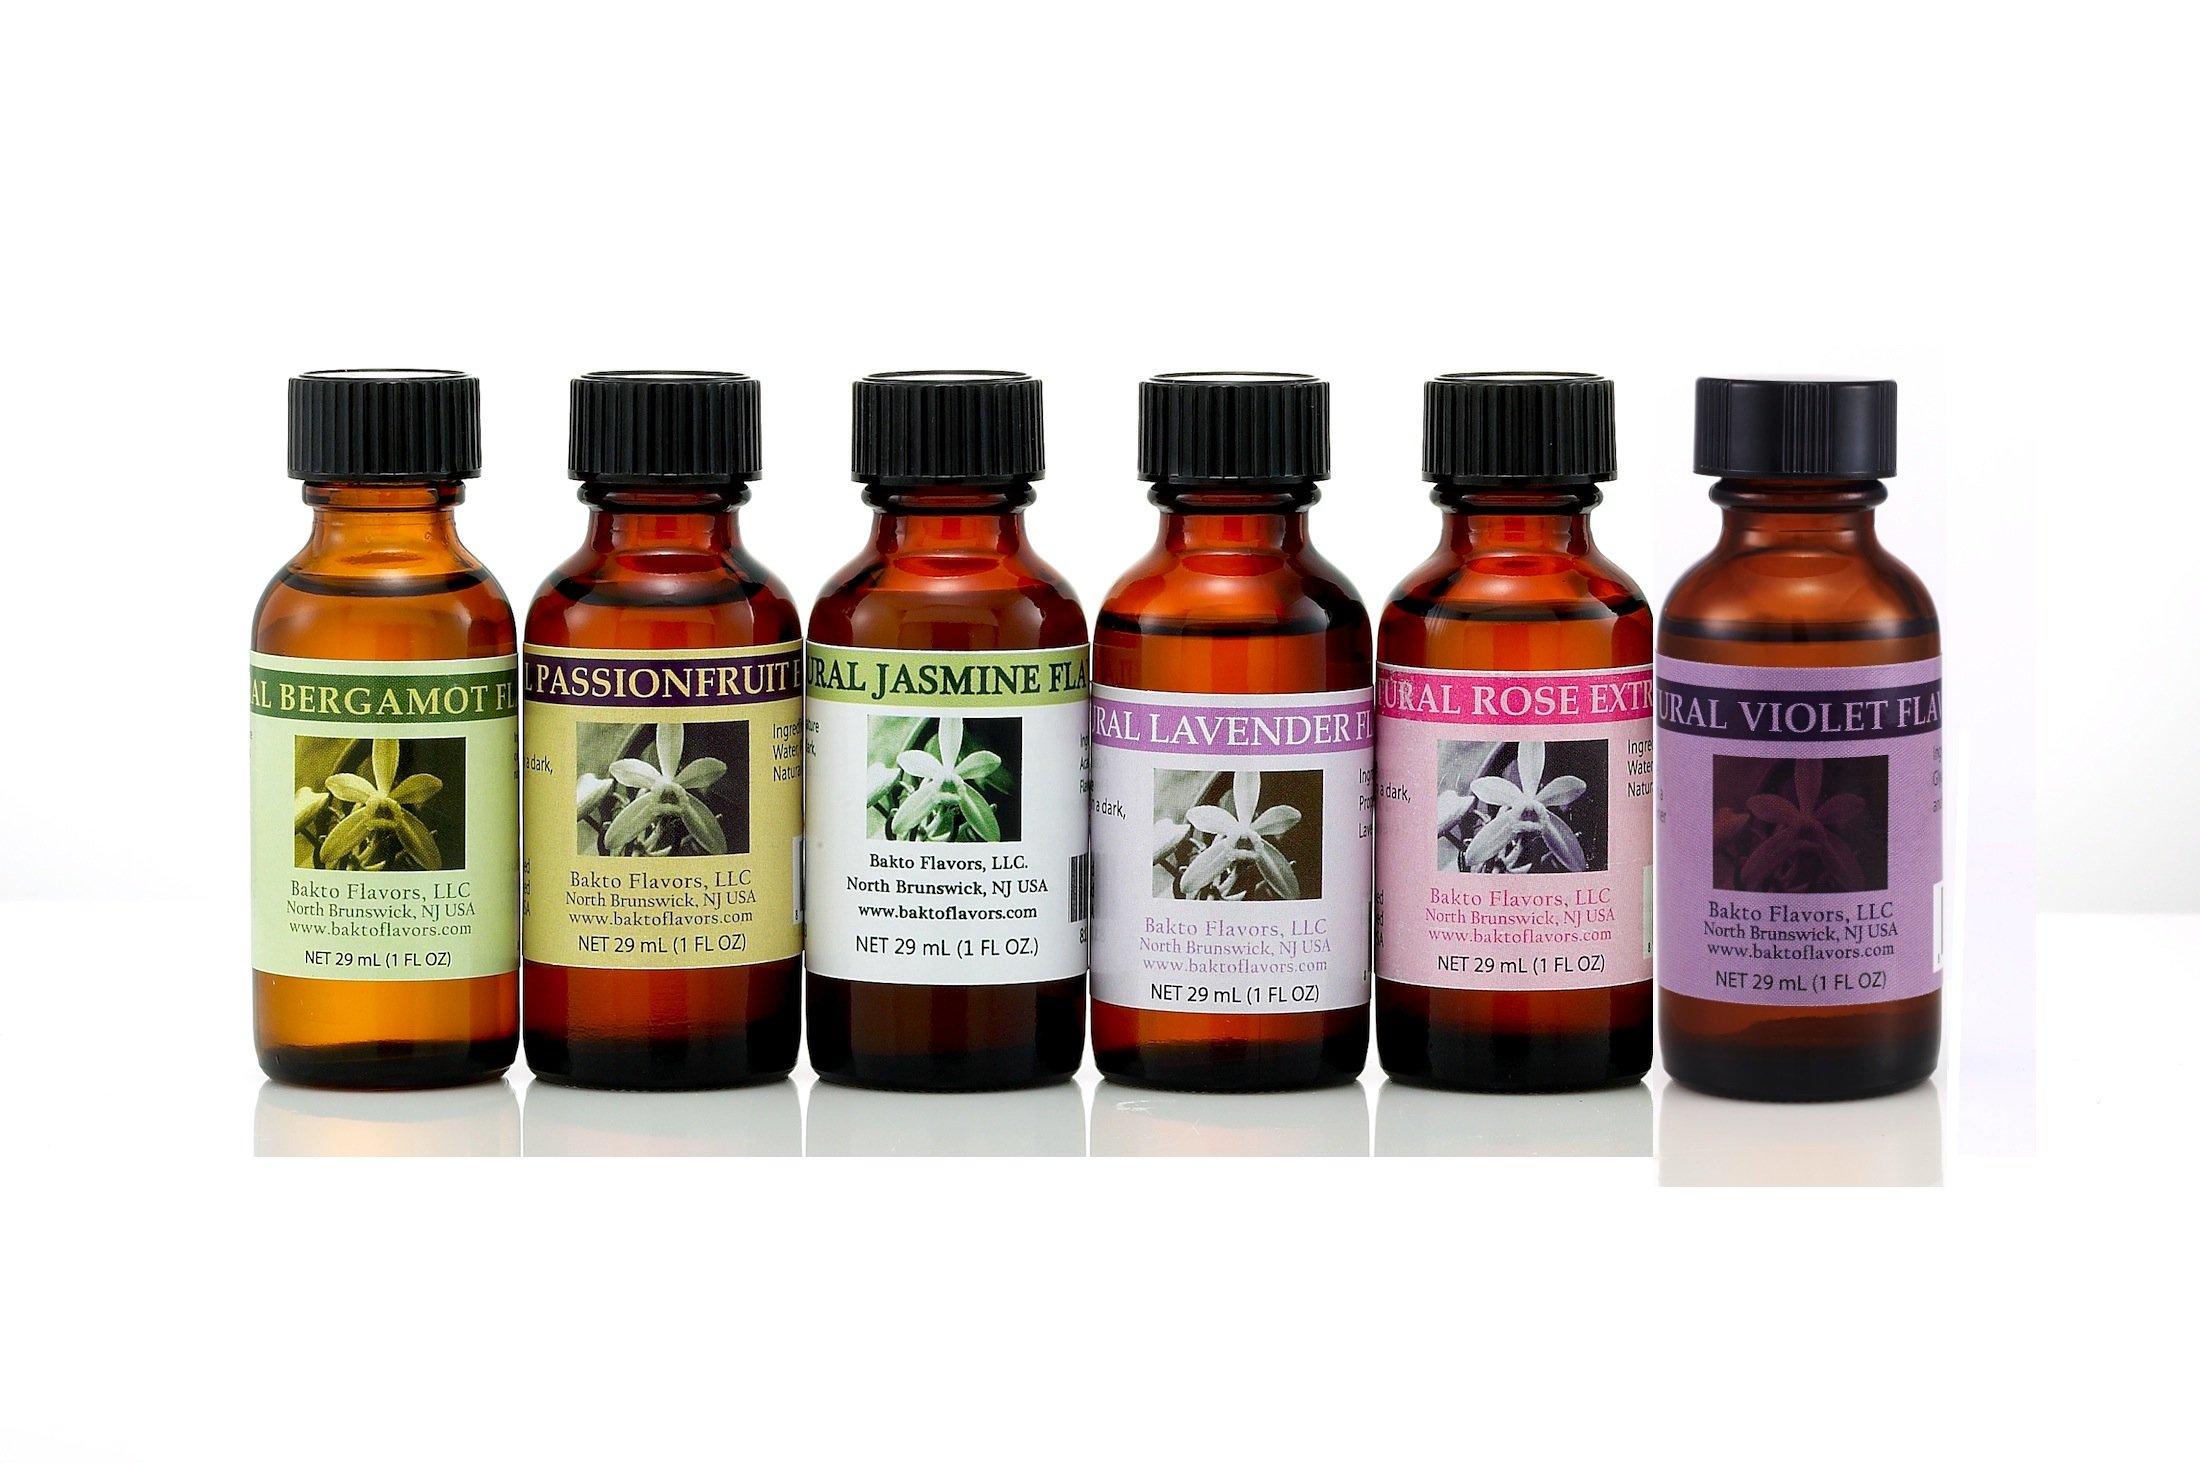 Floral Collection - 6 (1 FL OZ) Bottles - Bergamot, Passionfruit, Jasmine, Lavender, Rose, Violet